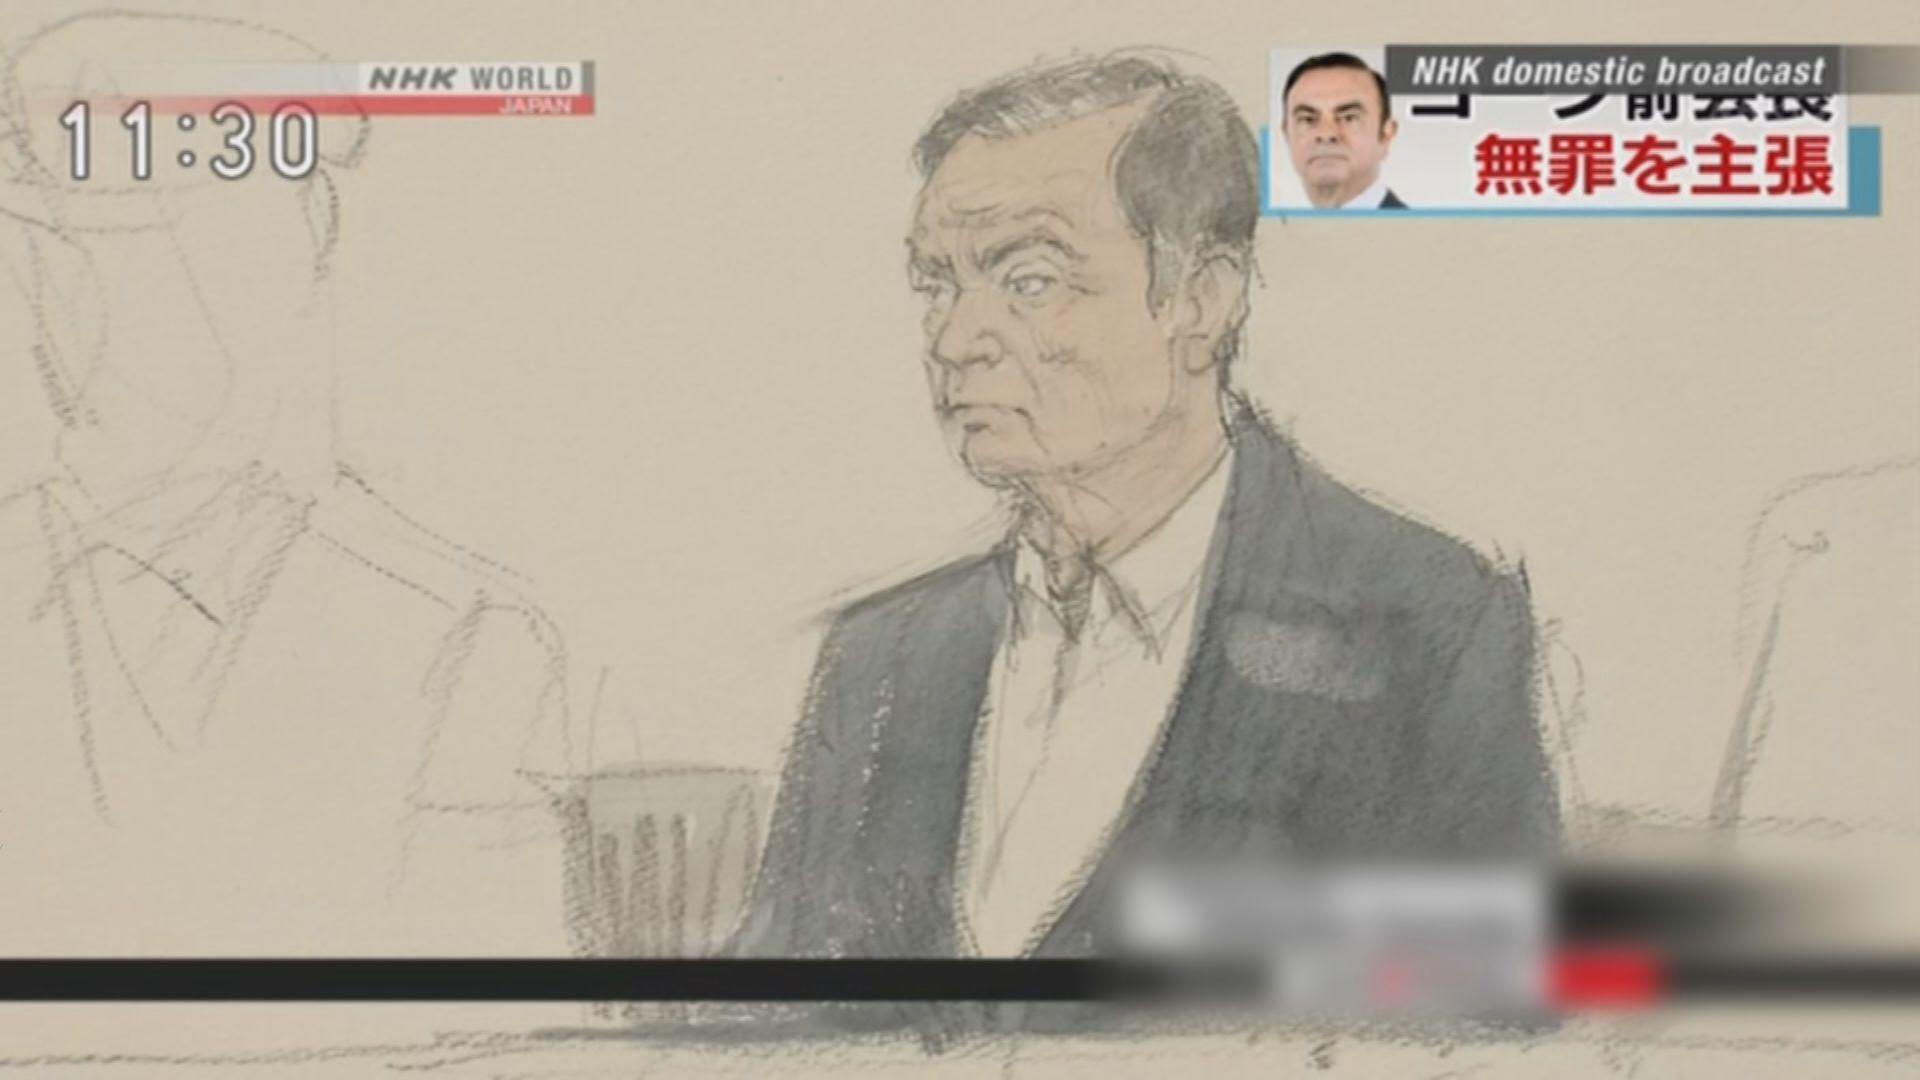 日產前會長戈恩首度出庭應訊否認瀆職控罪